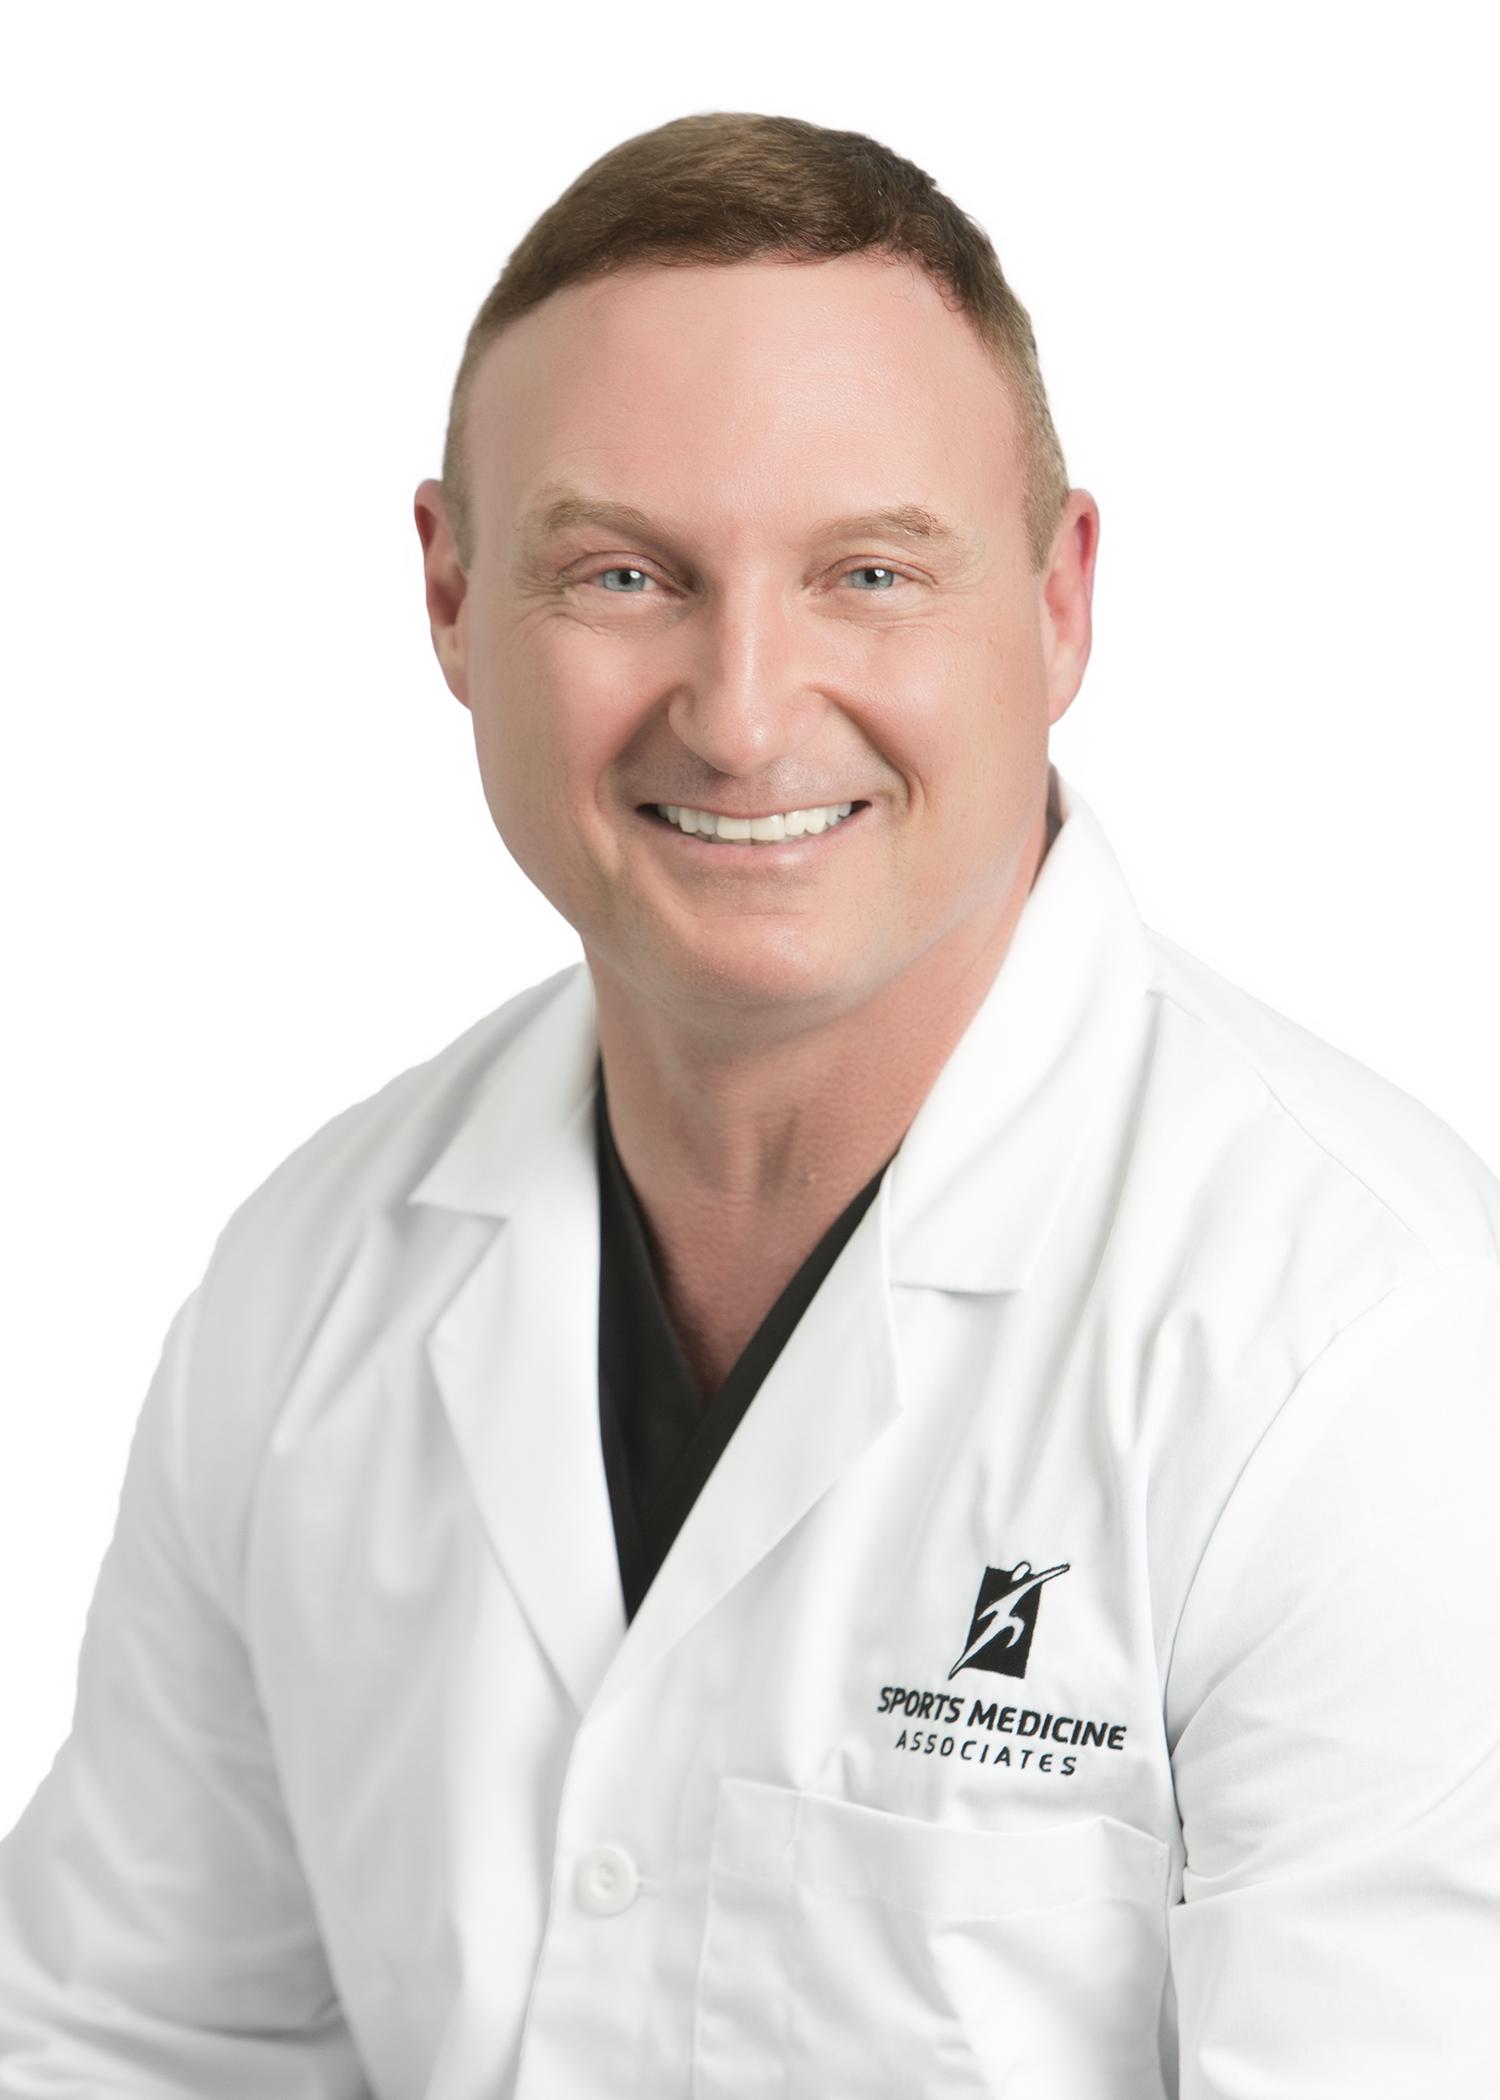 Marque Allen, D.P.M. - Foot & Ankle Surgery